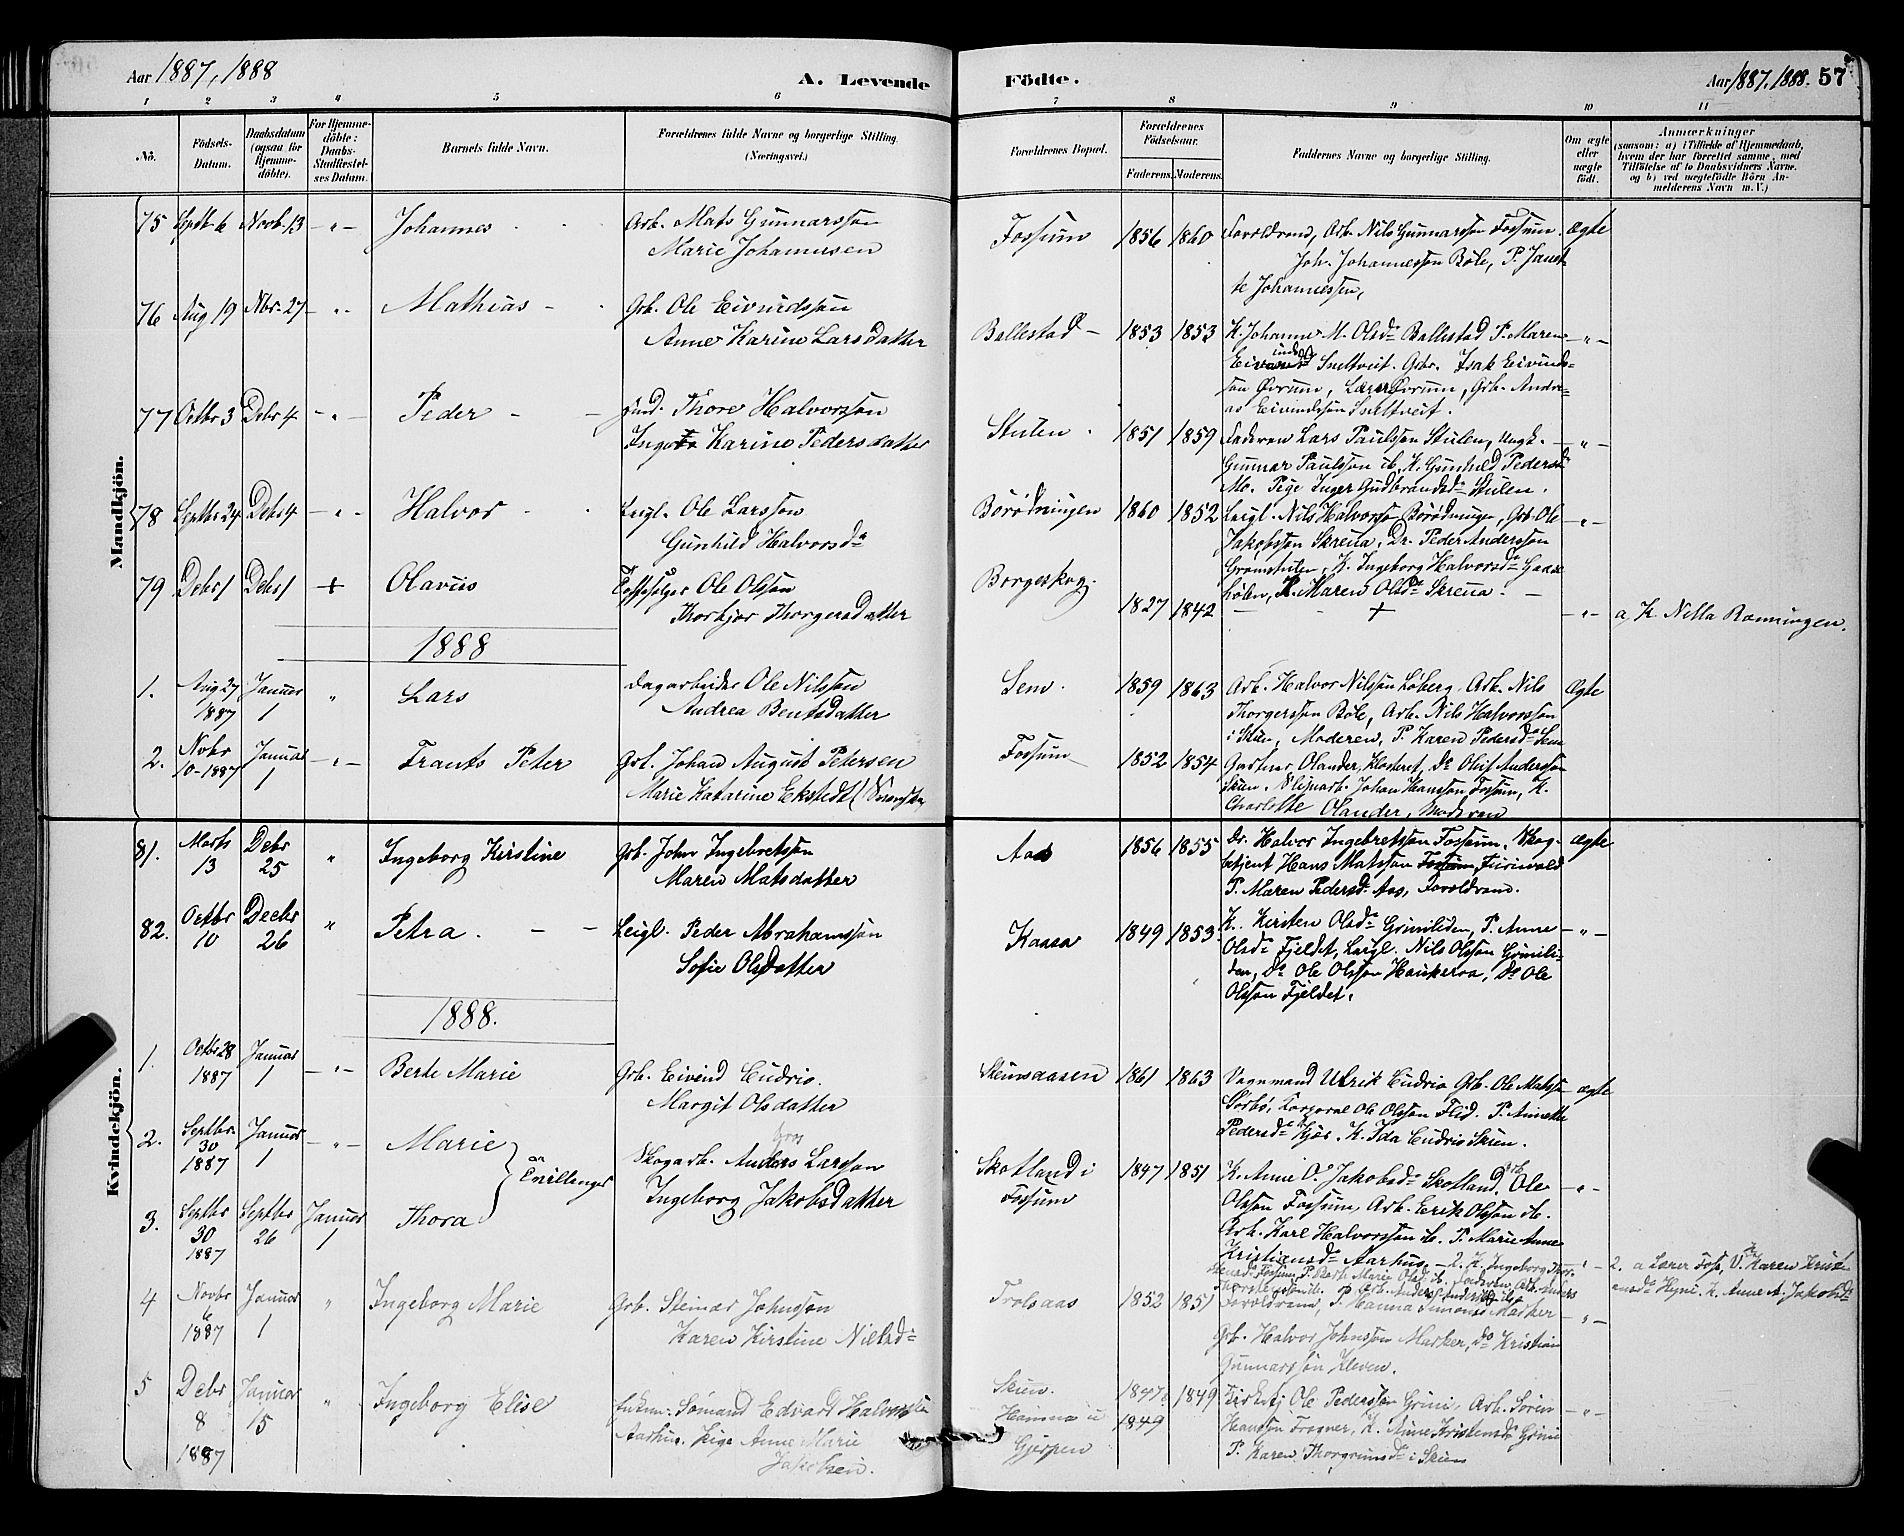 SAKO, Gjerpen kirkebøker, G/Ga/L0002: Klokkerbok nr. I 2, 1883-1900, s. 57